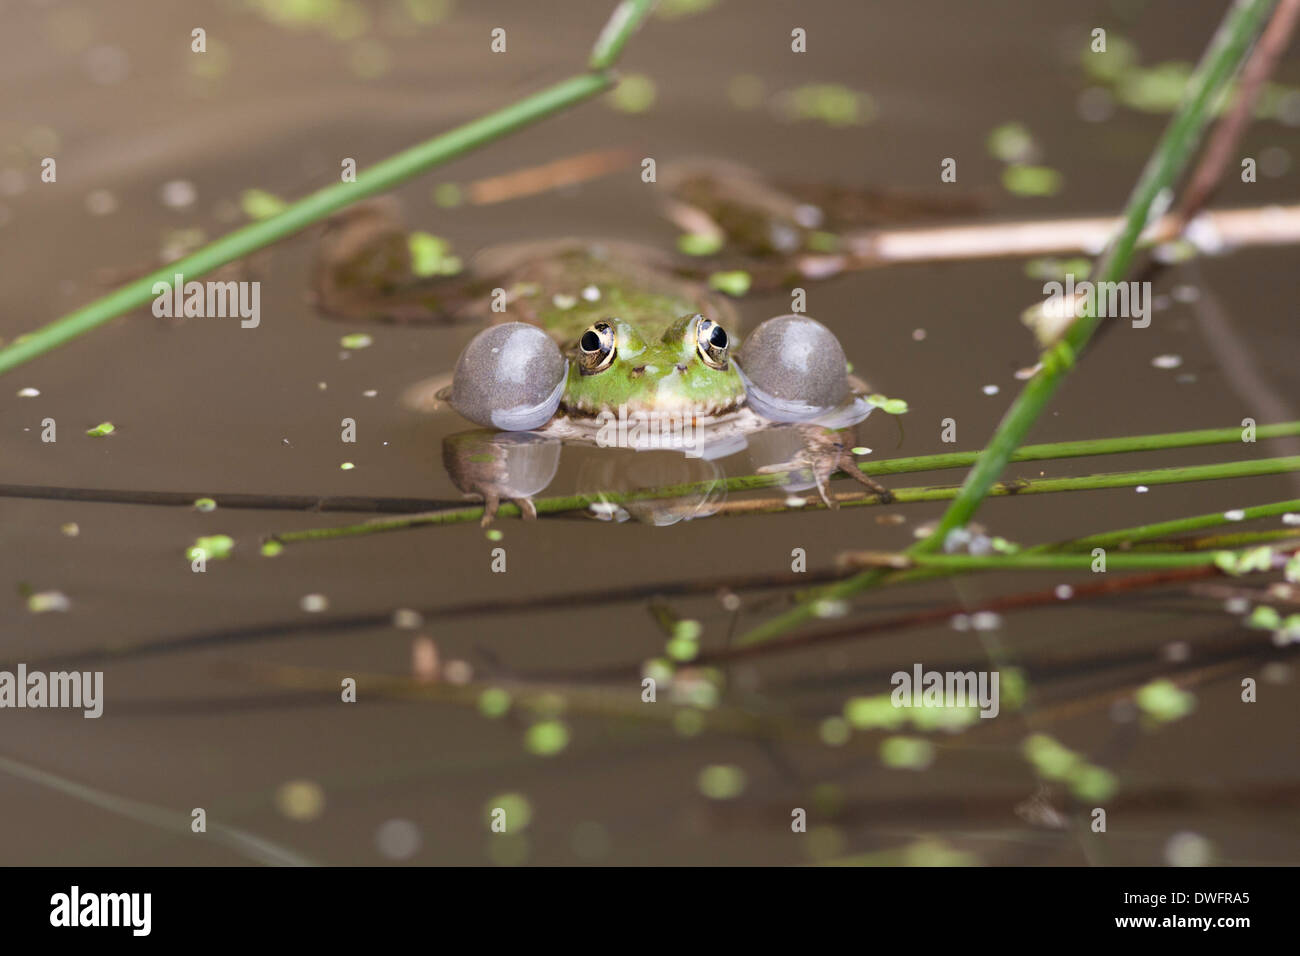 Marsh Frog - Stock Image